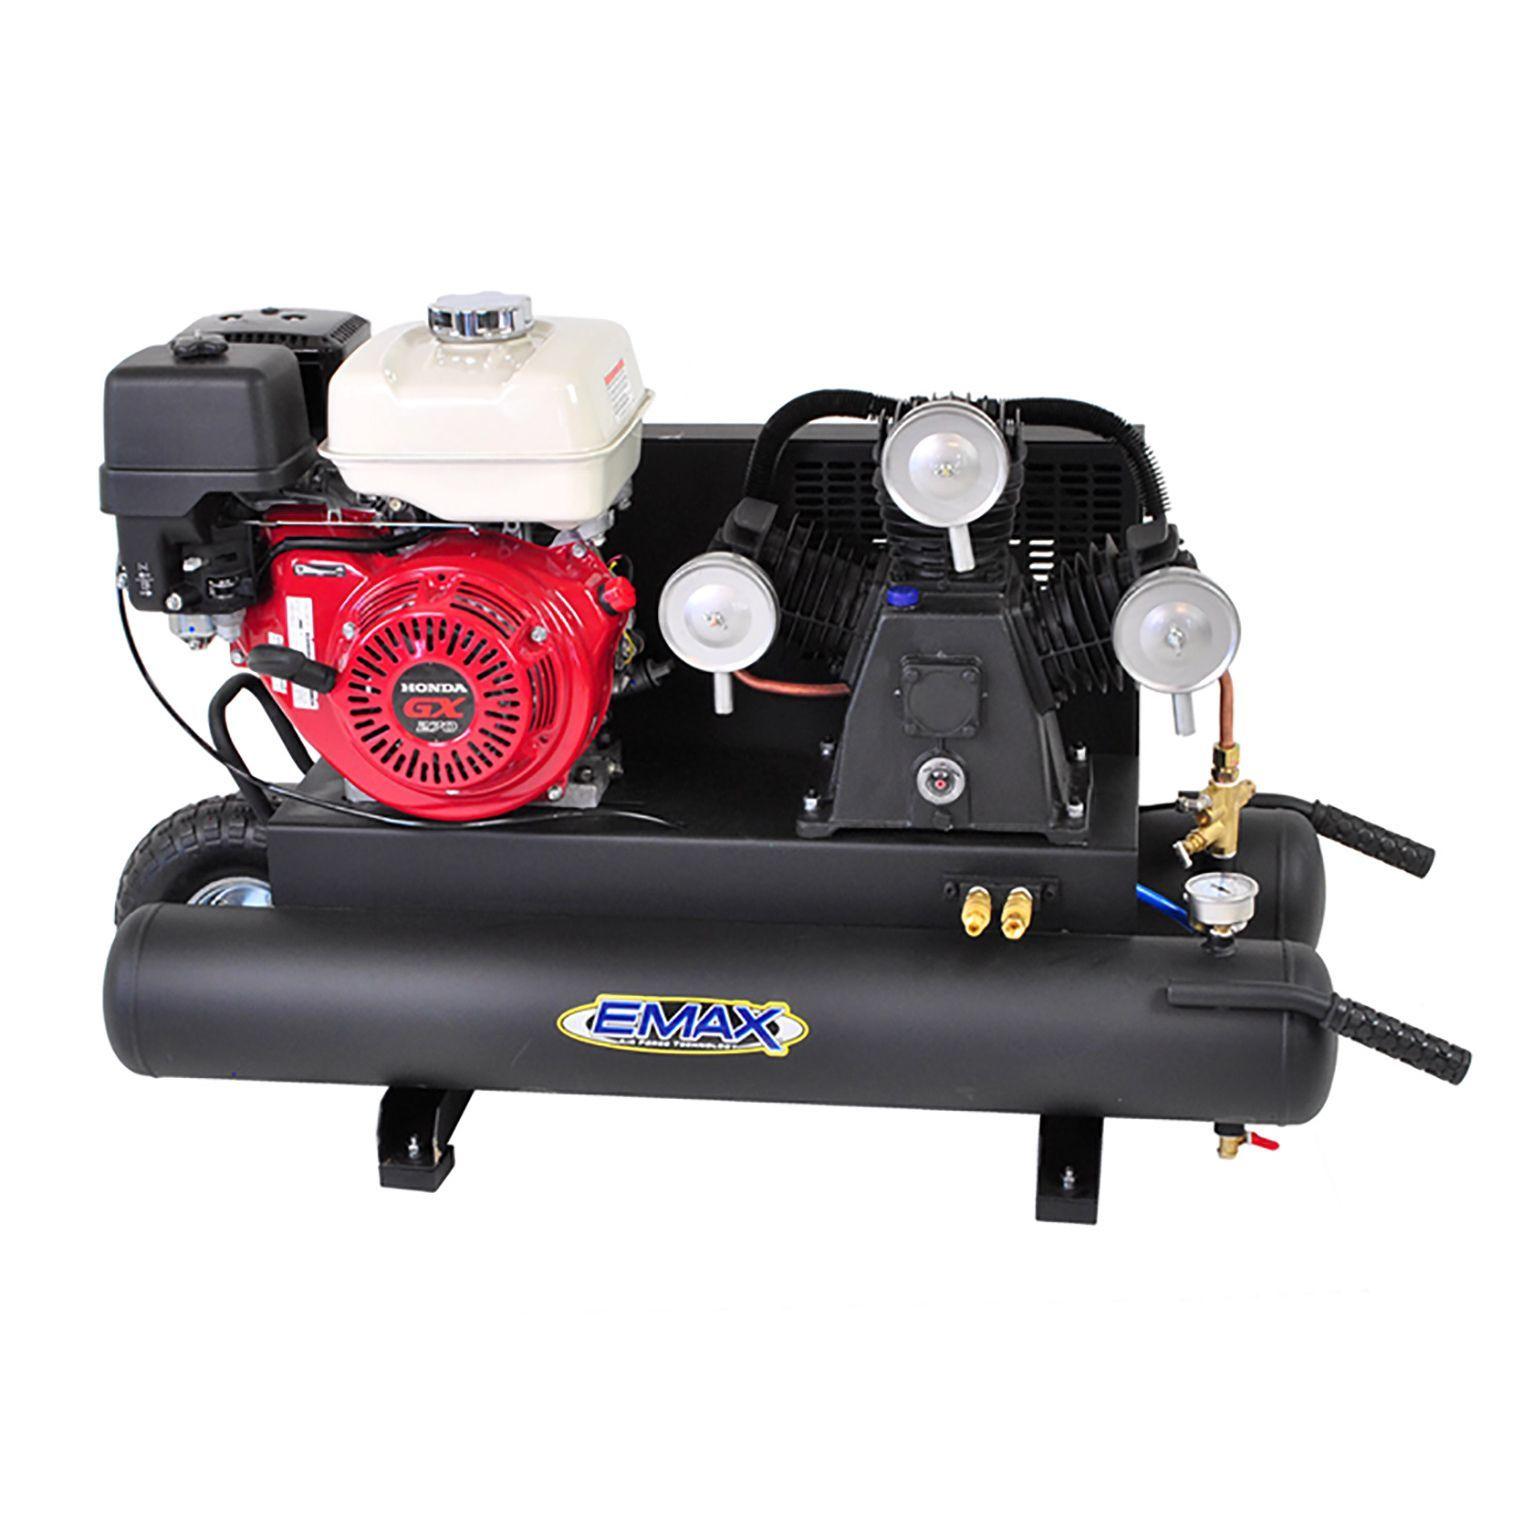 Emax 10gallon 9 HP Portable Gas Wheelbarrow Air